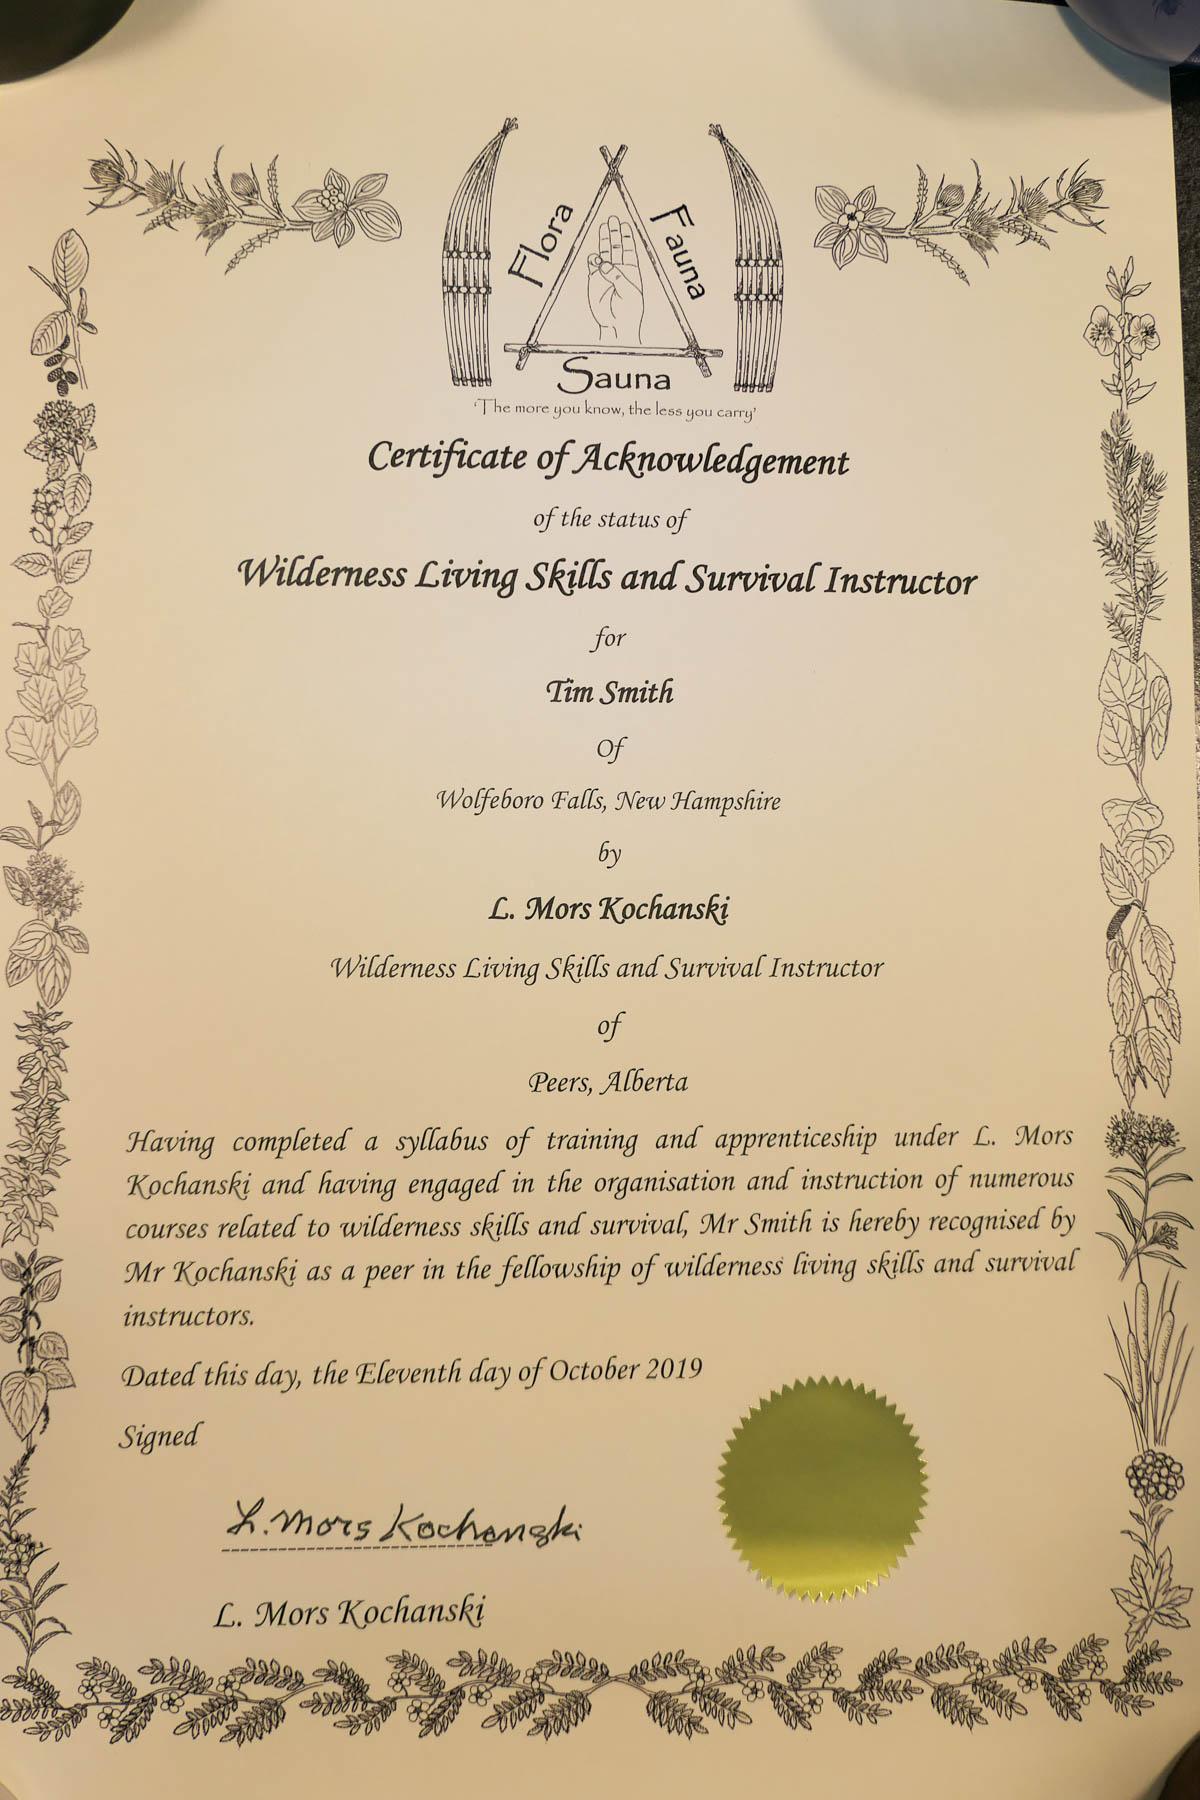 Mors Kochanski Certificate